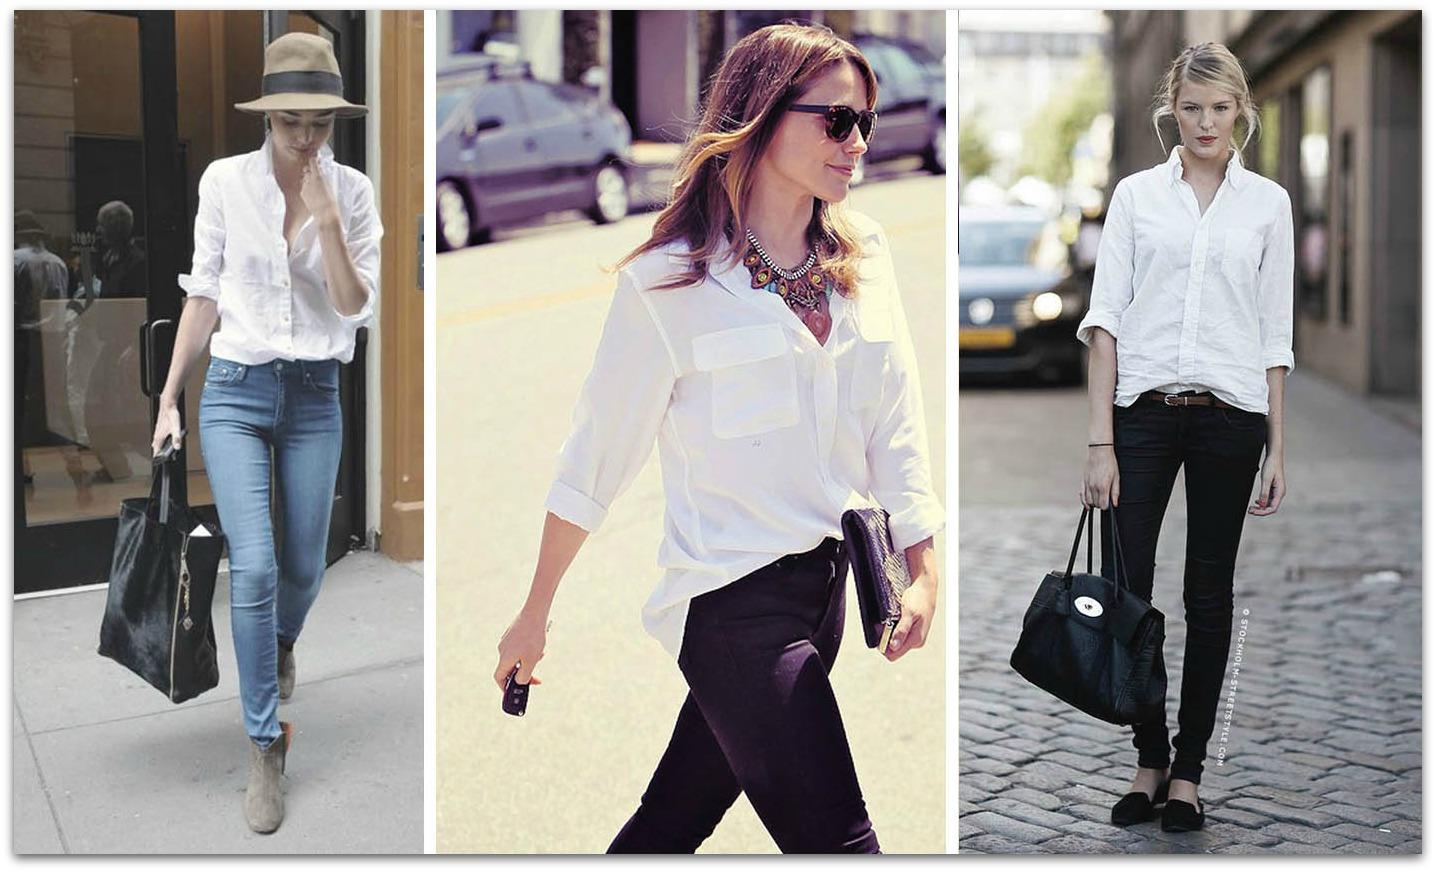 VITH consultoría de moda blog de moda tendencias invierno 13 14 comprar ropa online como combinar camisa blanca camisa blanca básica fondo de armario